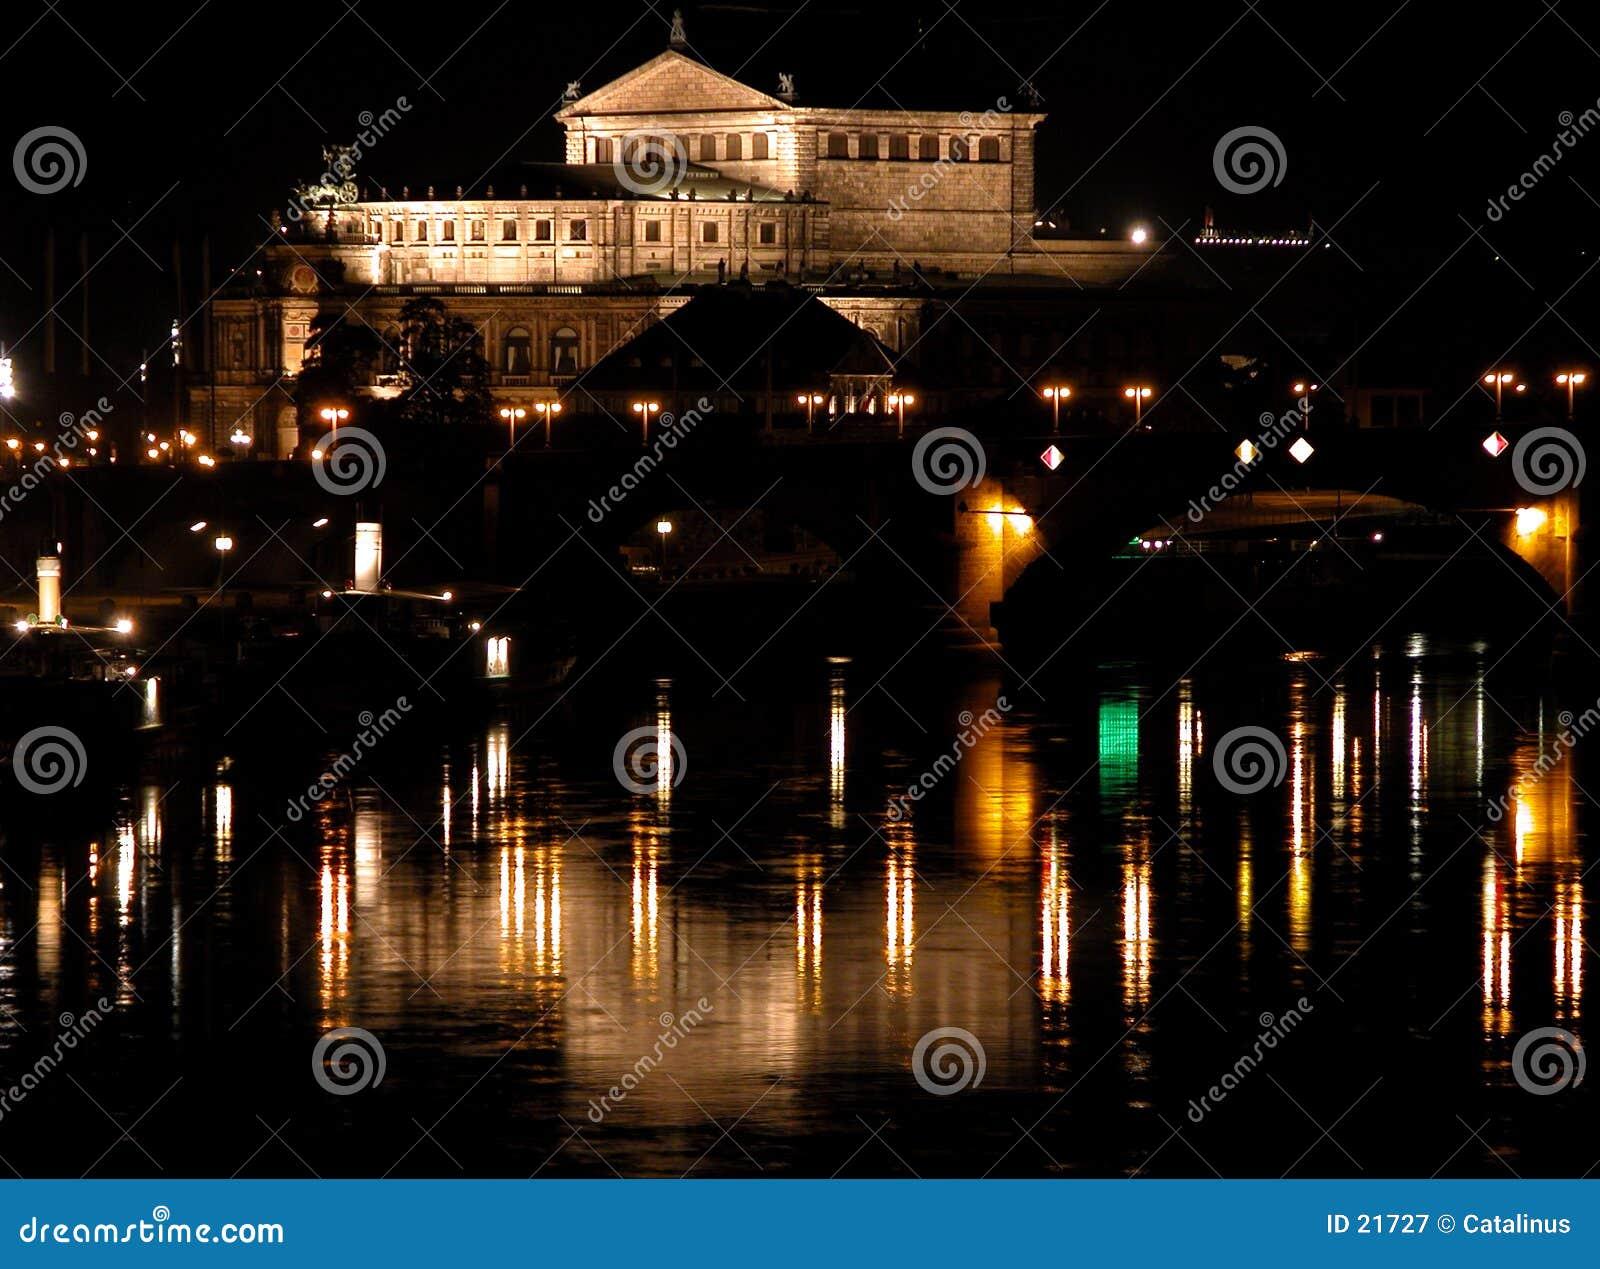 Opera by night